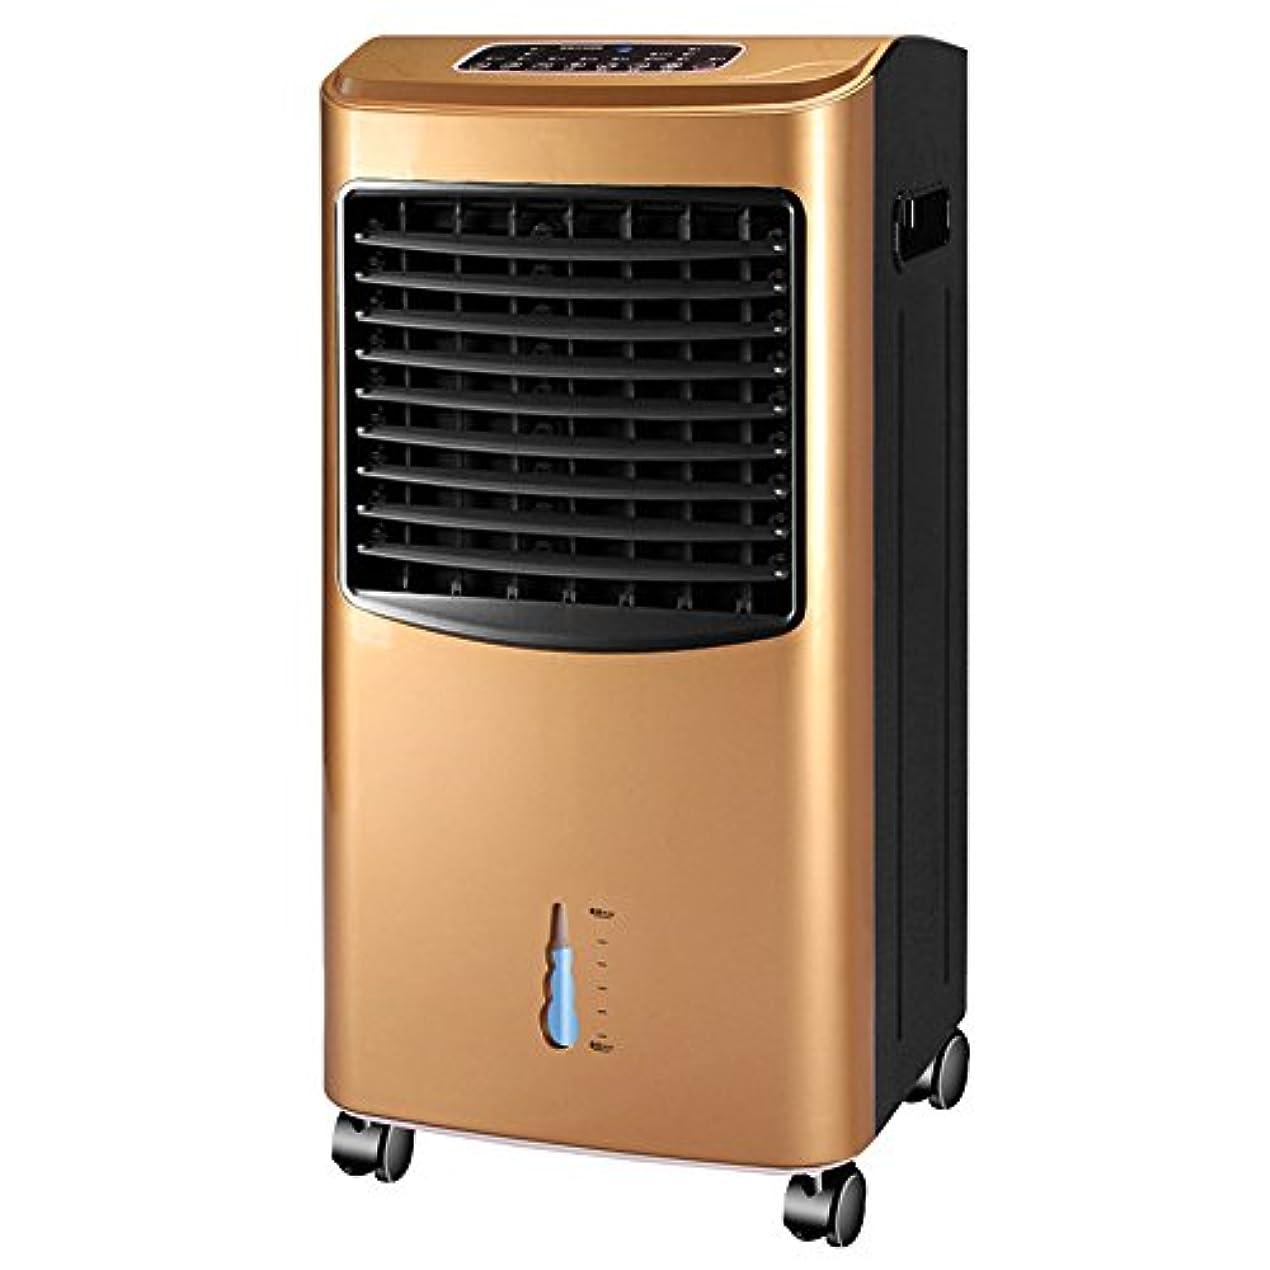 ブース本頭蓋骨小型ポータブルエアコンファン、モバイルエアコンファン、水冷エアコン、蒸発空気クーラー、家族寮